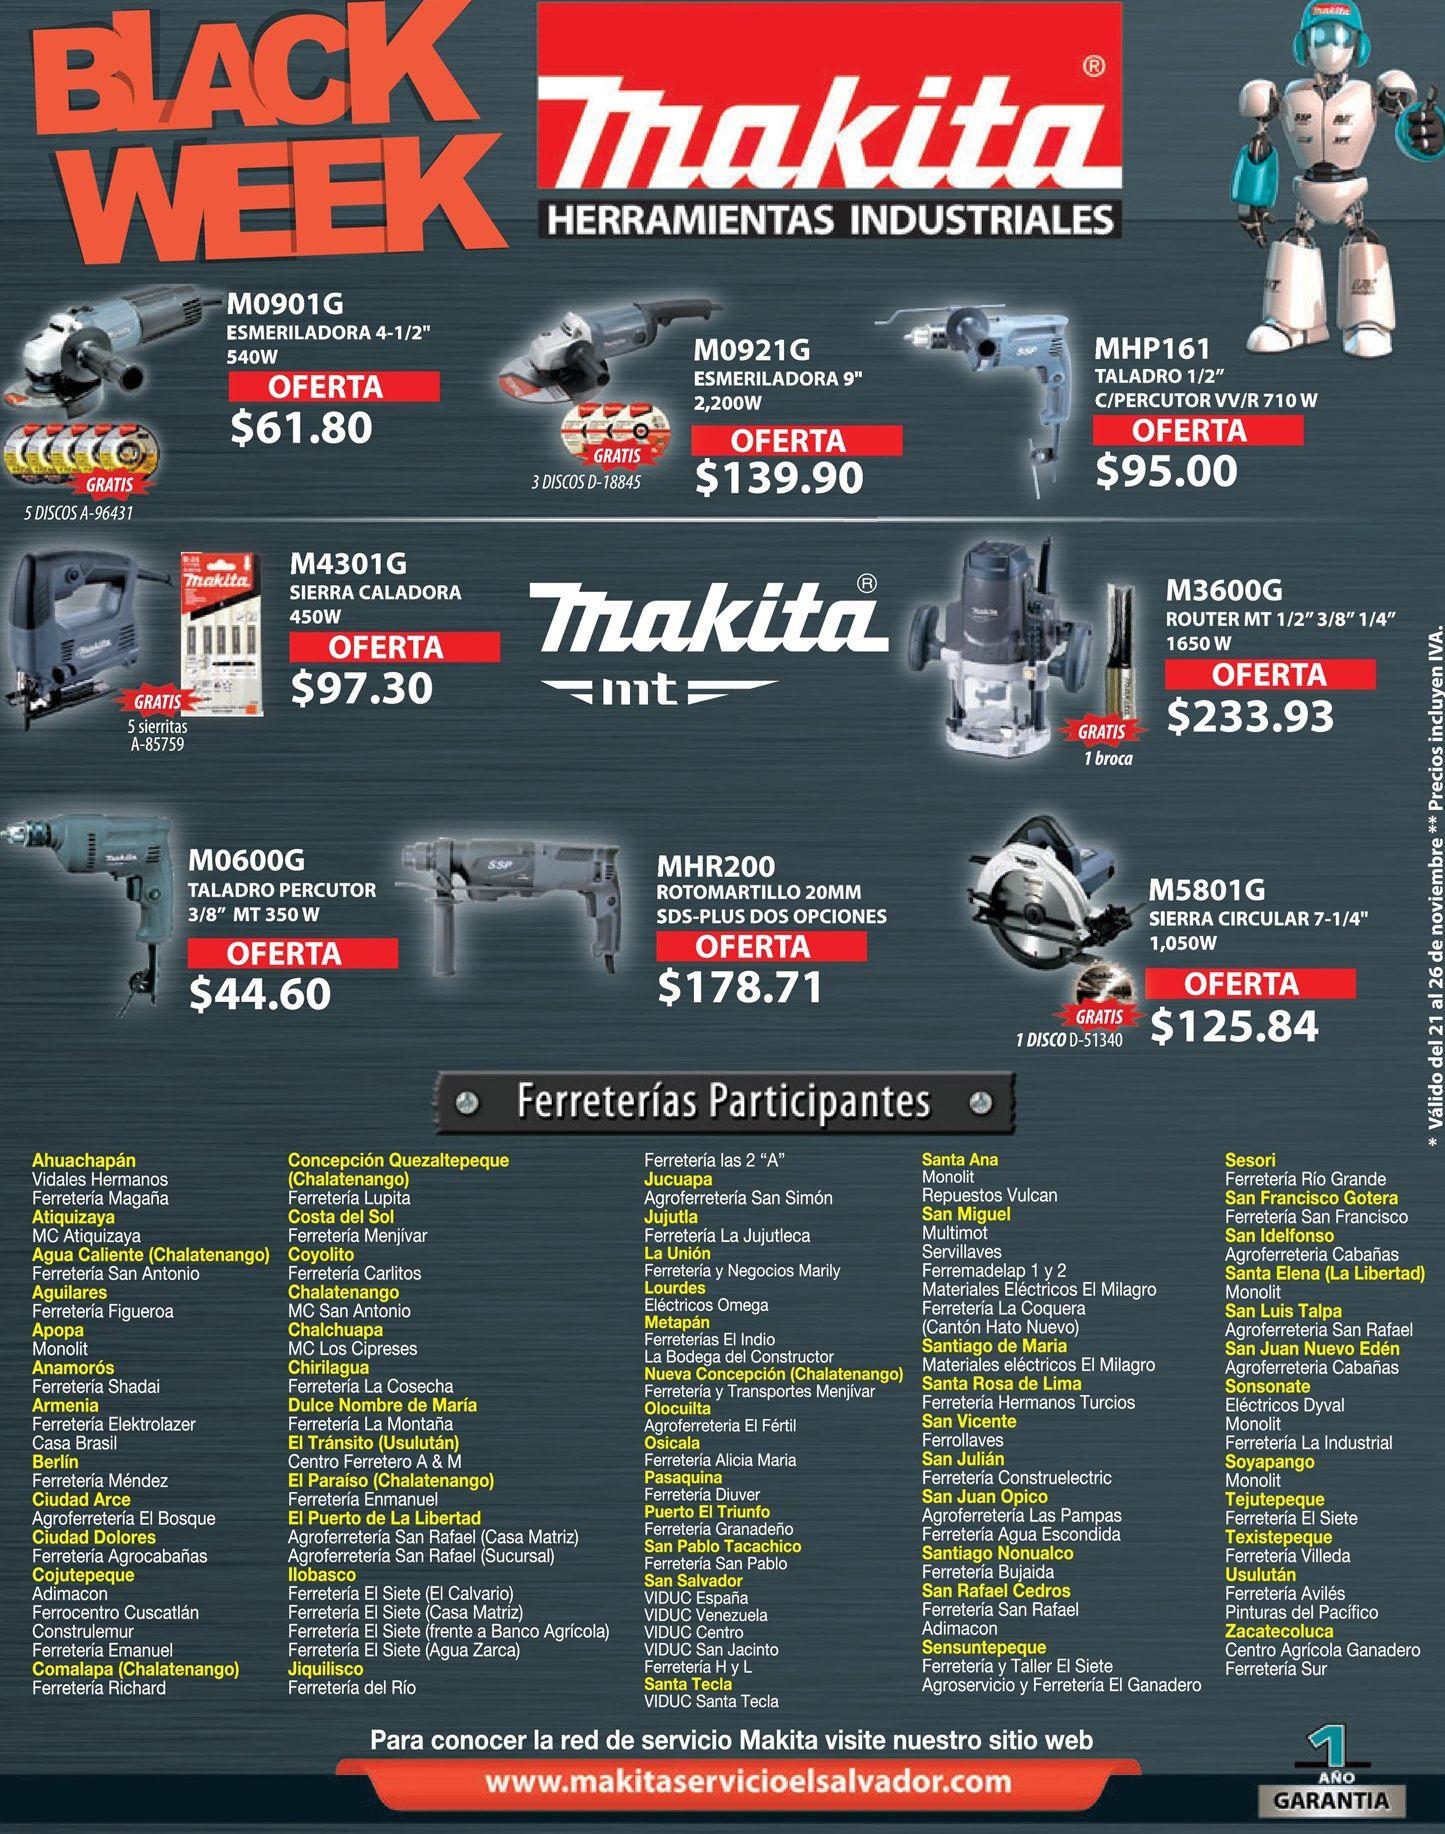 Black week 2016 en herramientas electricas ofertas ahora - Black friday herramientas electricas ...